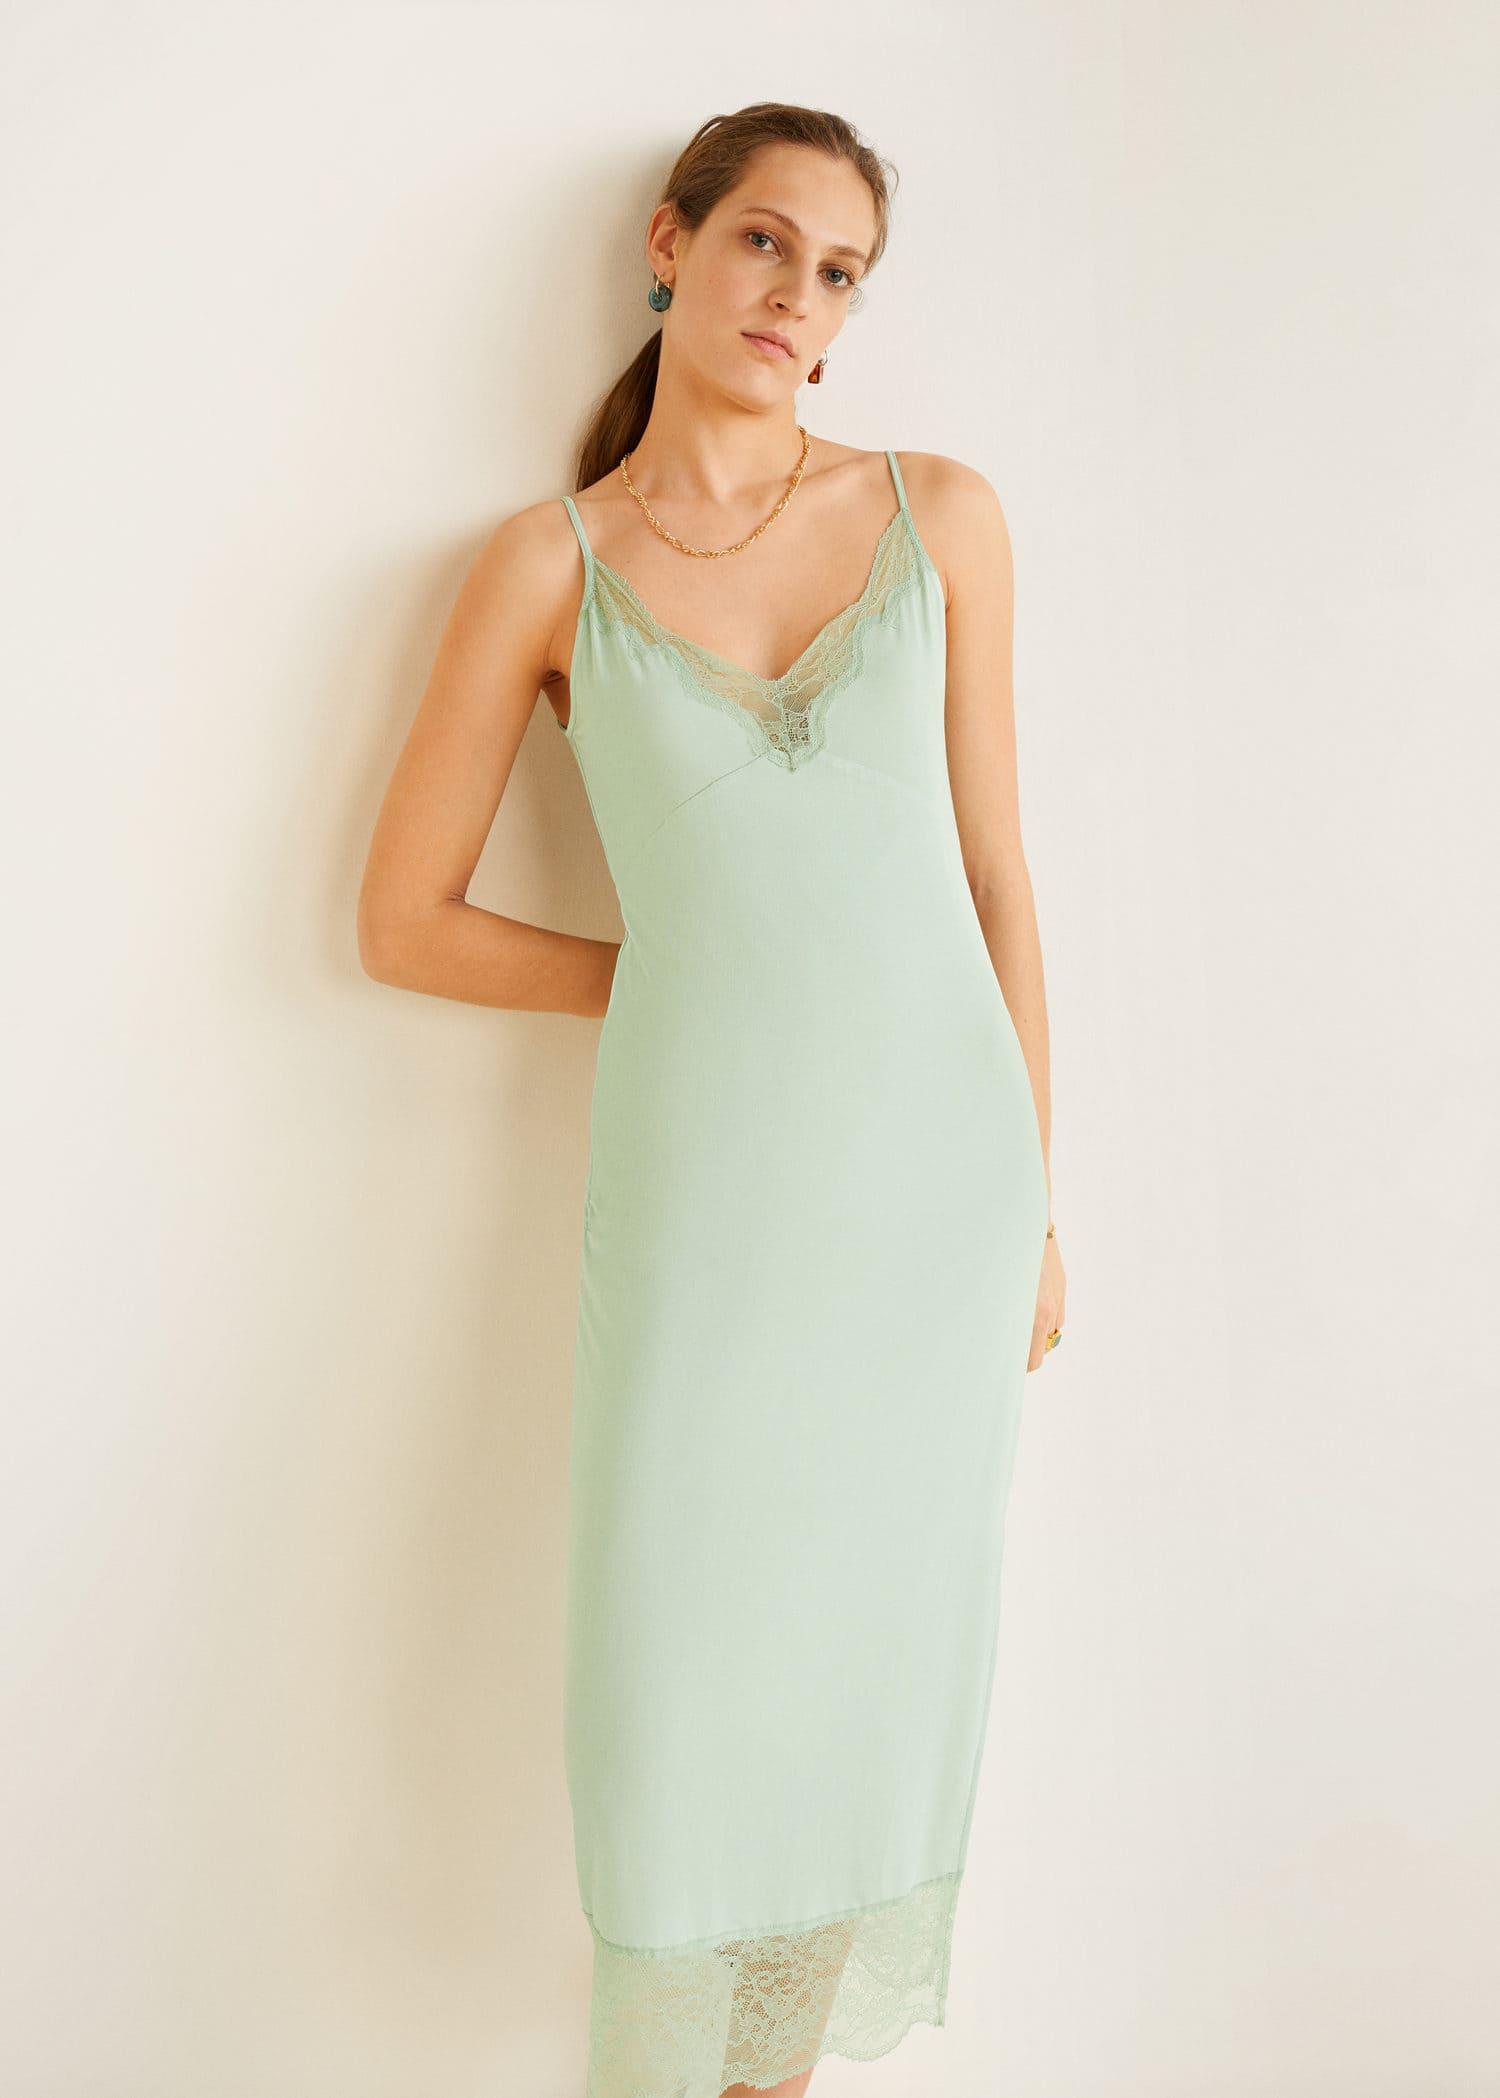 Abendkleider brautkleider schweiz